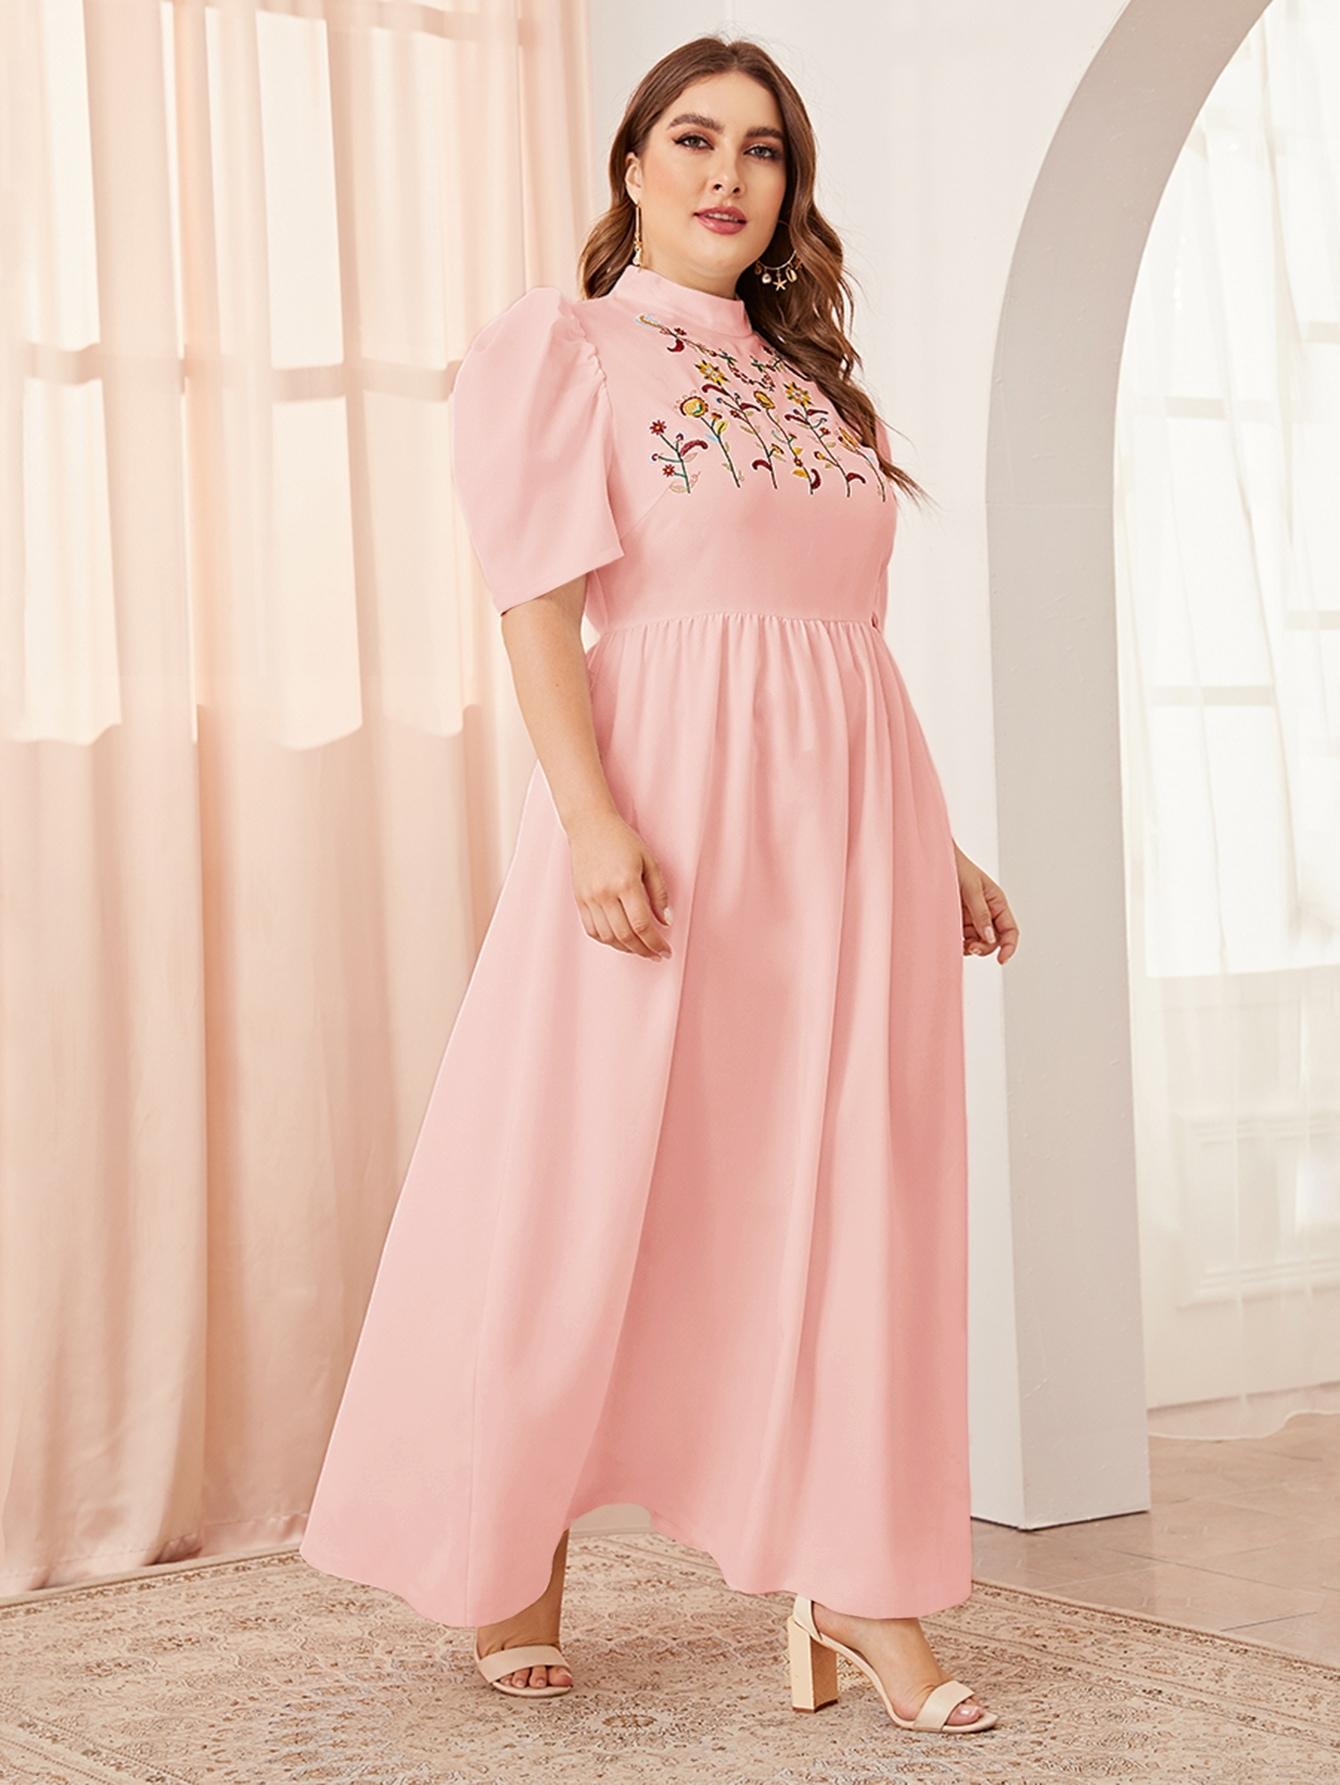 Платье размера плюс с воротником-стойкой, пышными рукавами и вышивкой